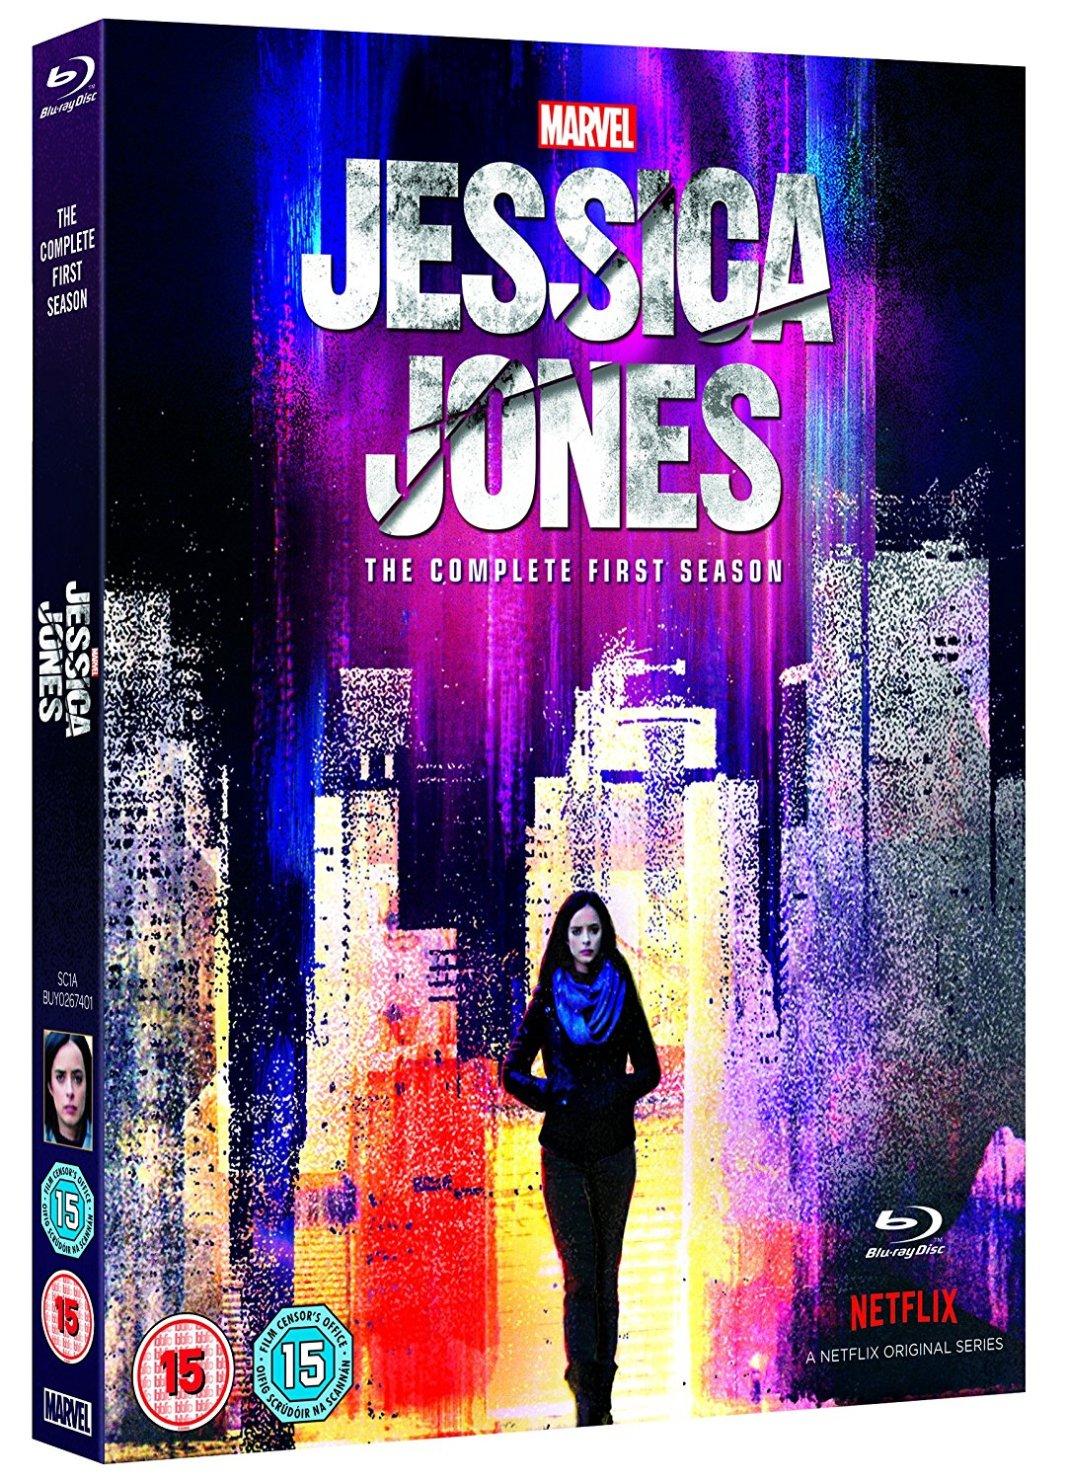 Marvel's Jessica Jones UK Blu-ray Cover